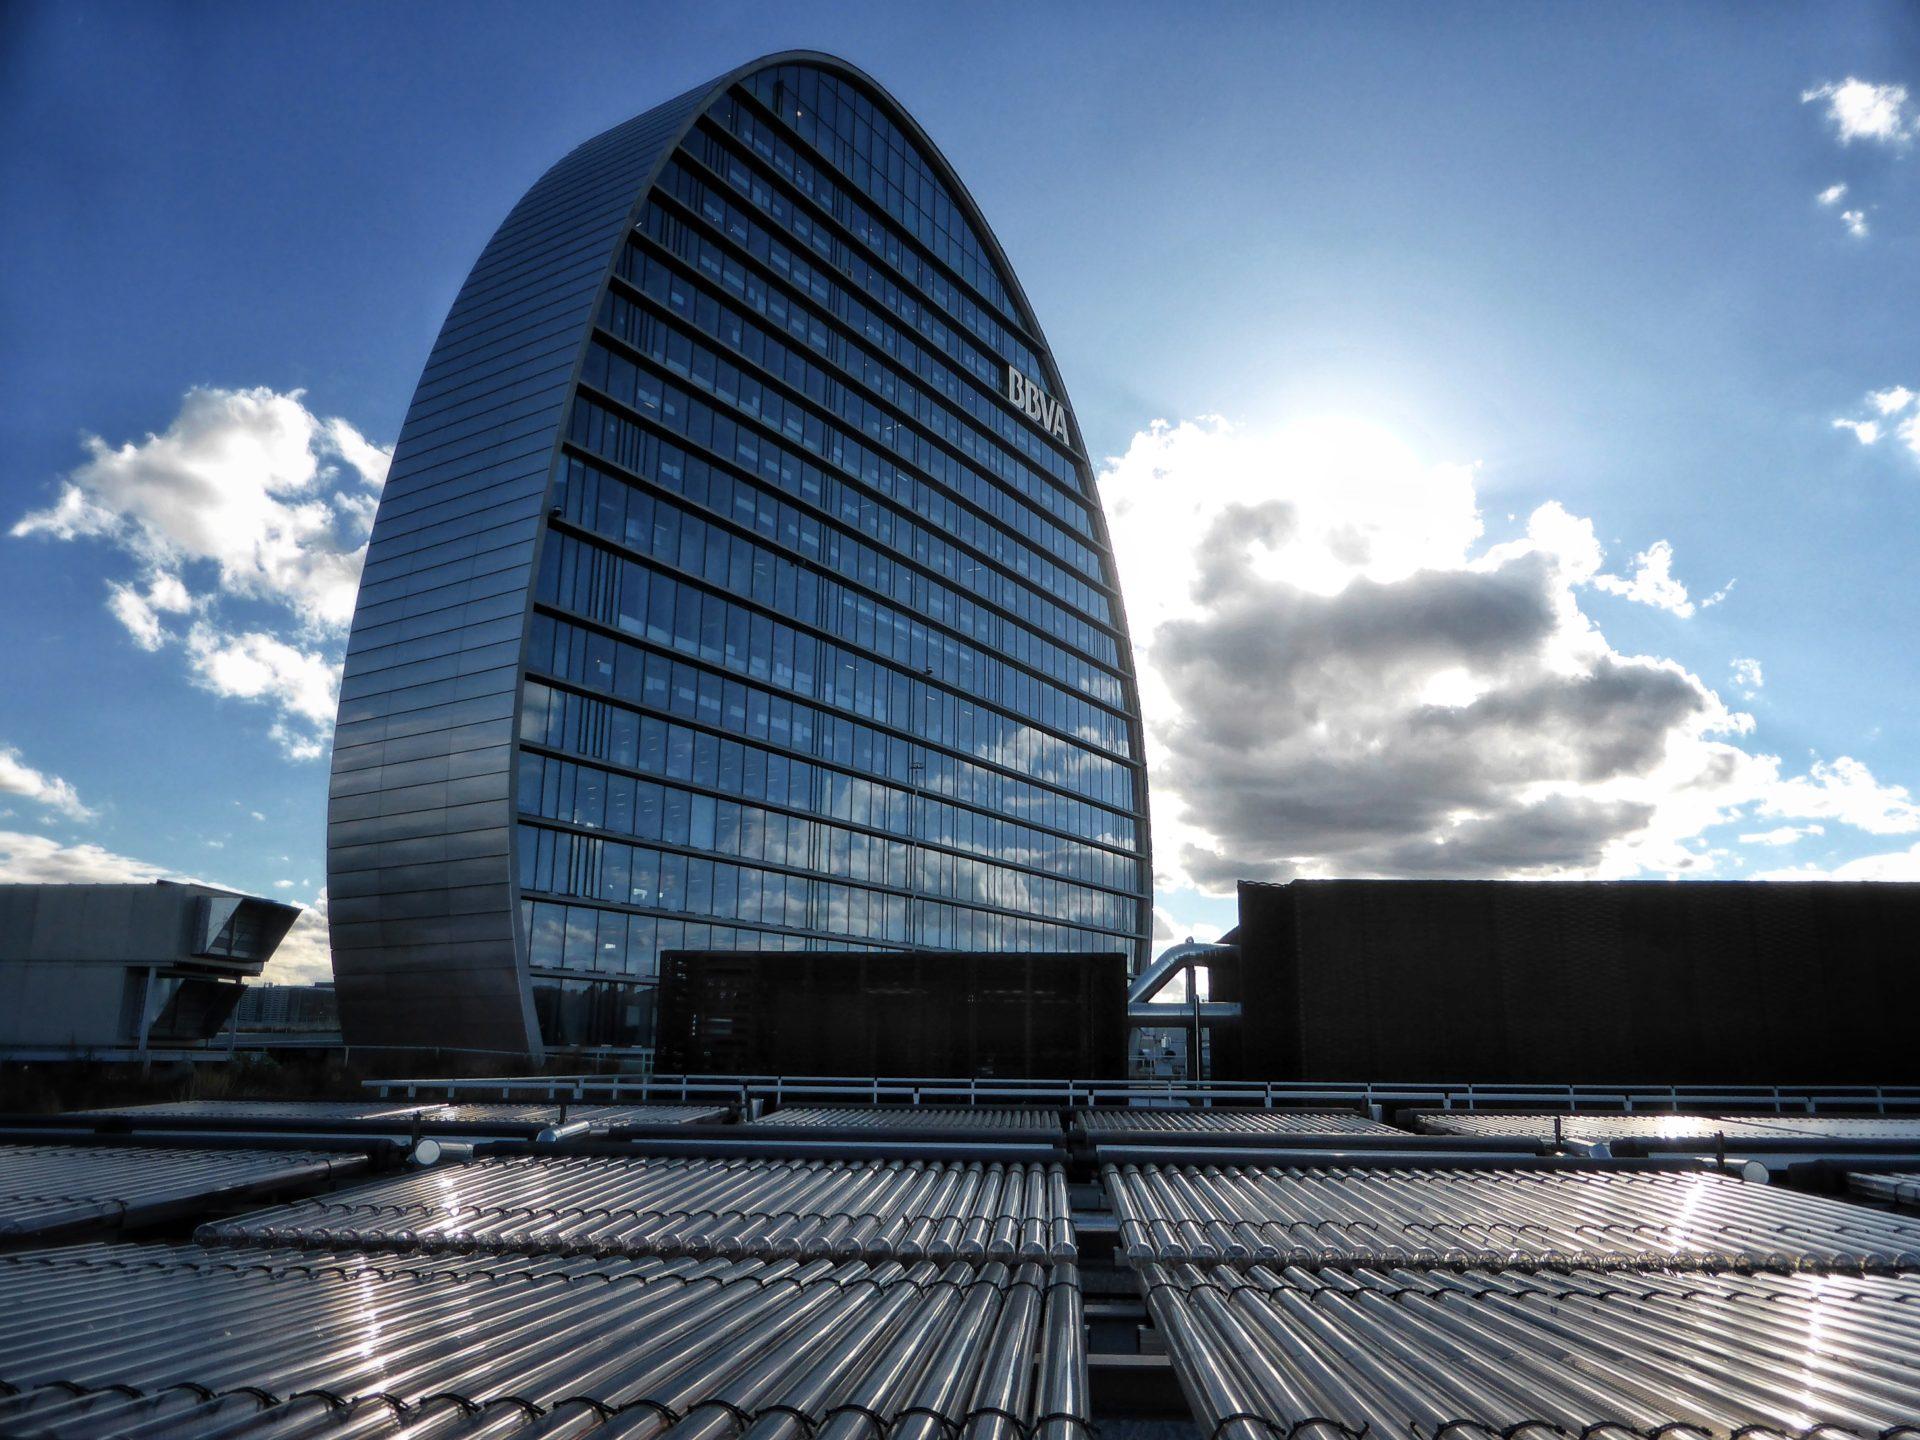 Fotografía de la instalación de energía solar en la Ciudad BBVA. ©Carlos Benítez-Donoso